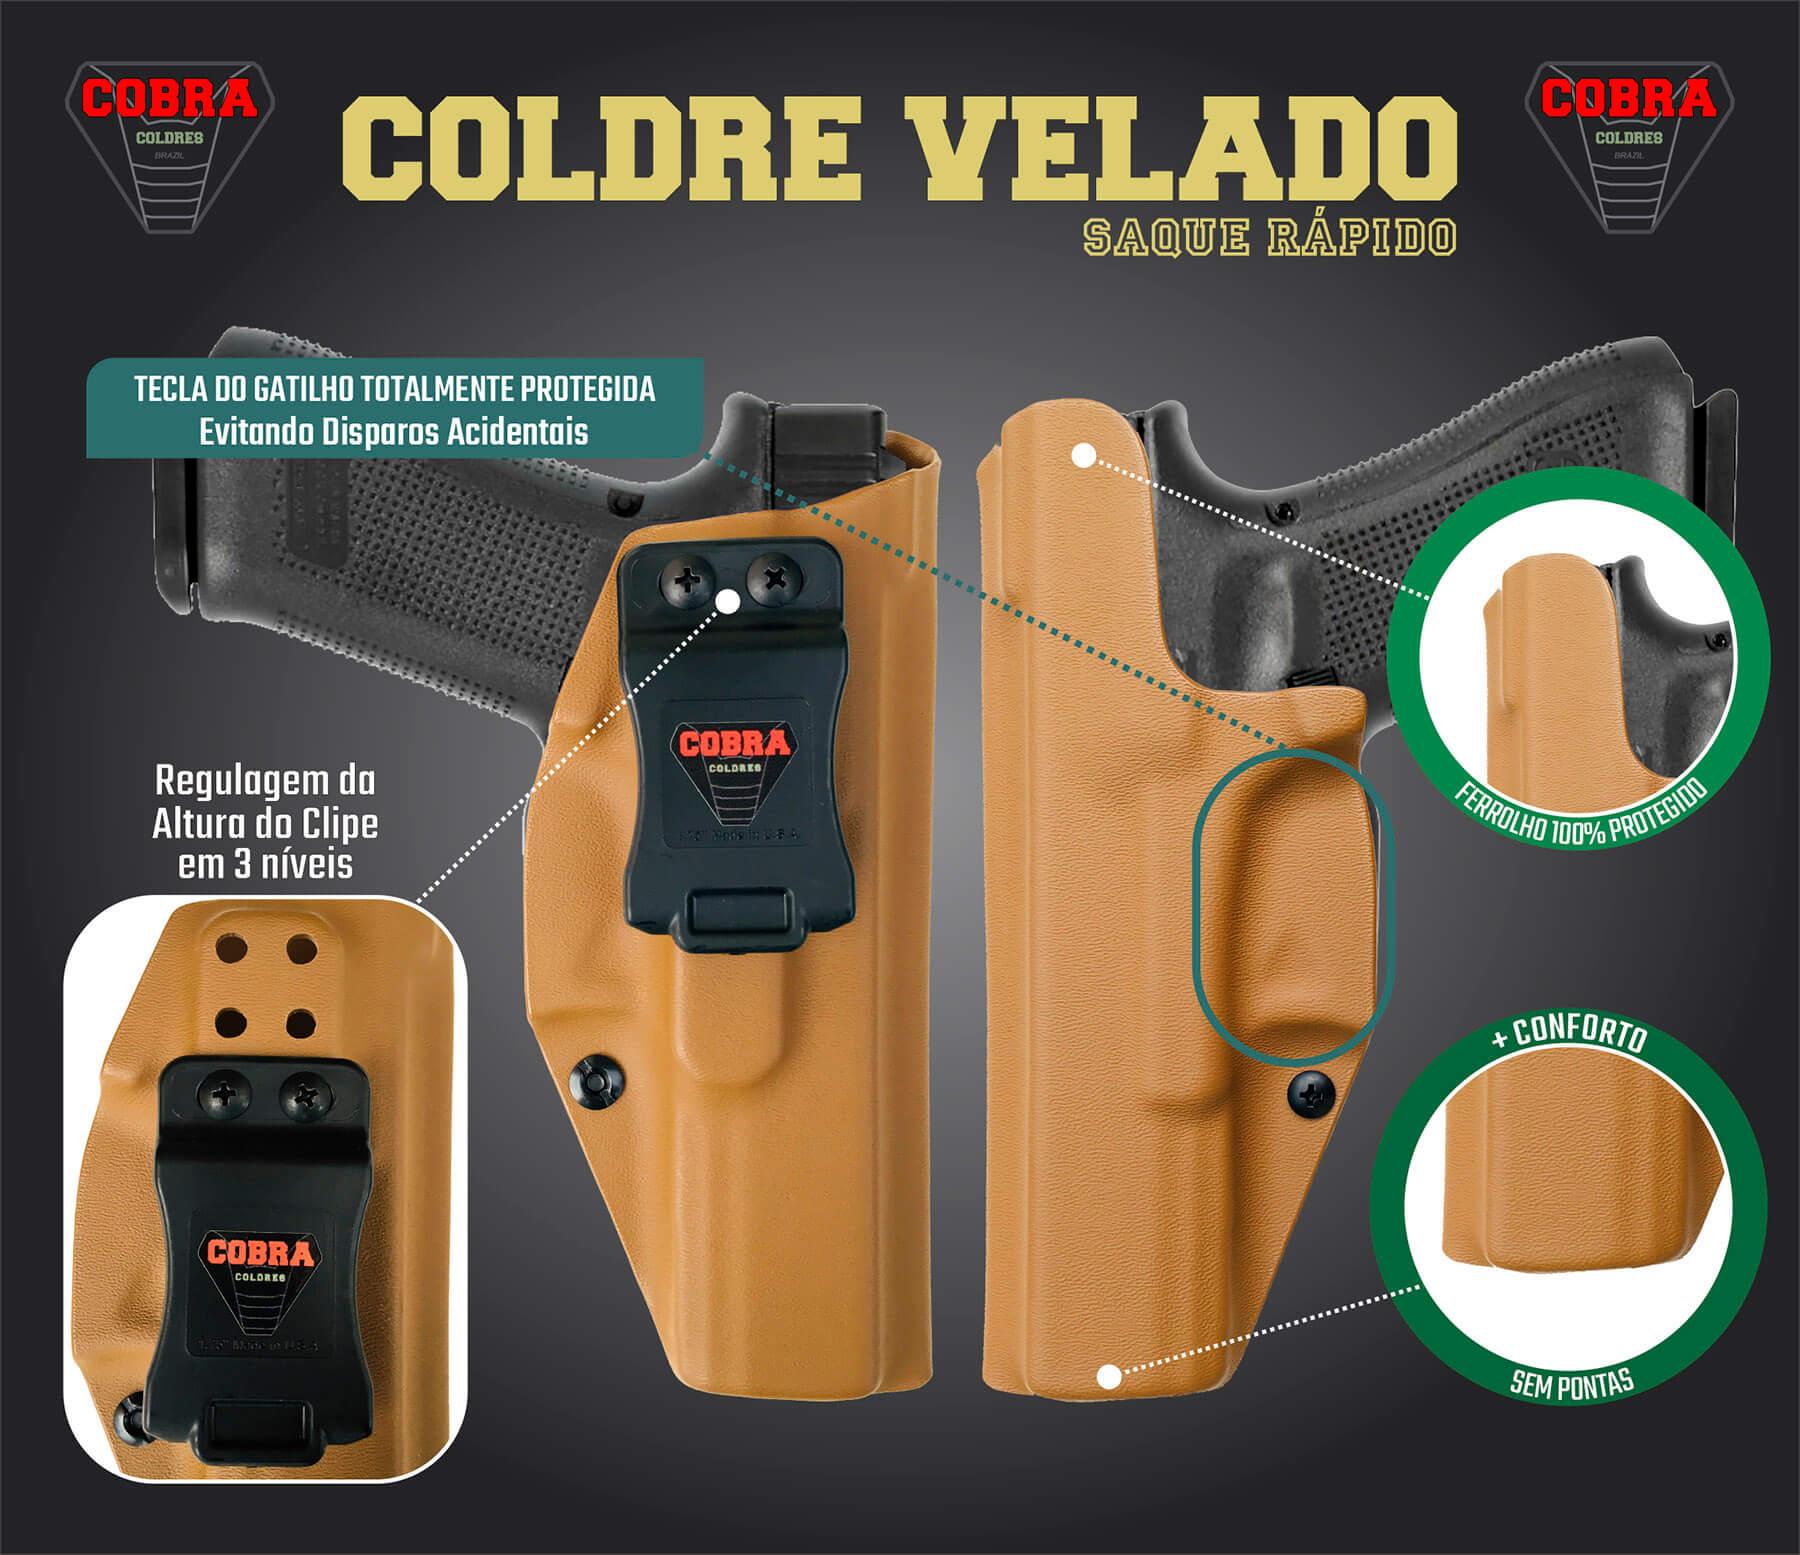 Coldre [TH9] [TH40] [TH380] [PT840] [PT838] [PT845] [PT809] Kydex + 2 Porta-Carregadores Universais - Saque Rápido Velado Kydex® 080